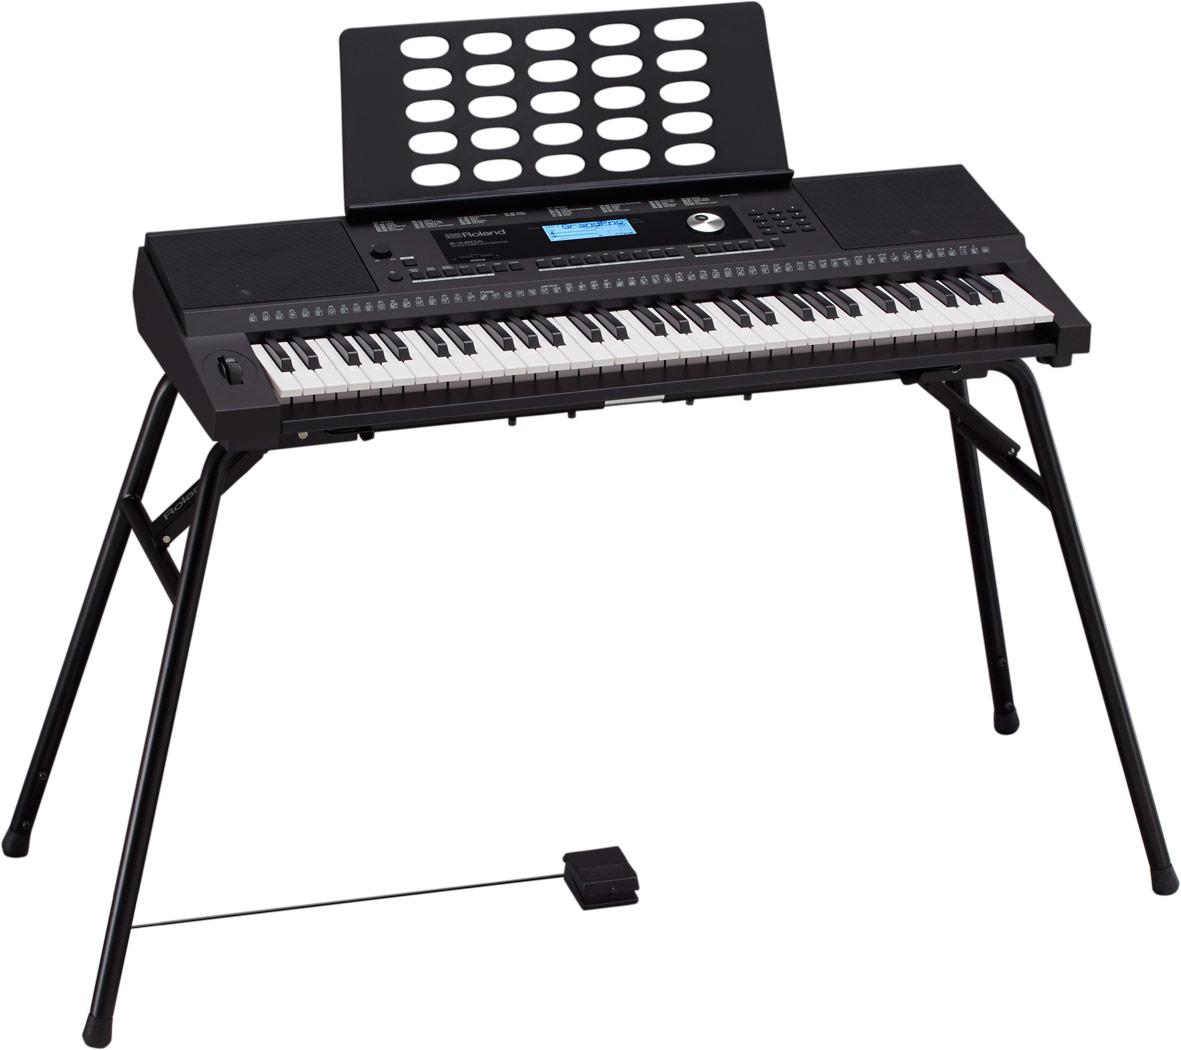 Roland - E-X20A | Arranger Keyboard